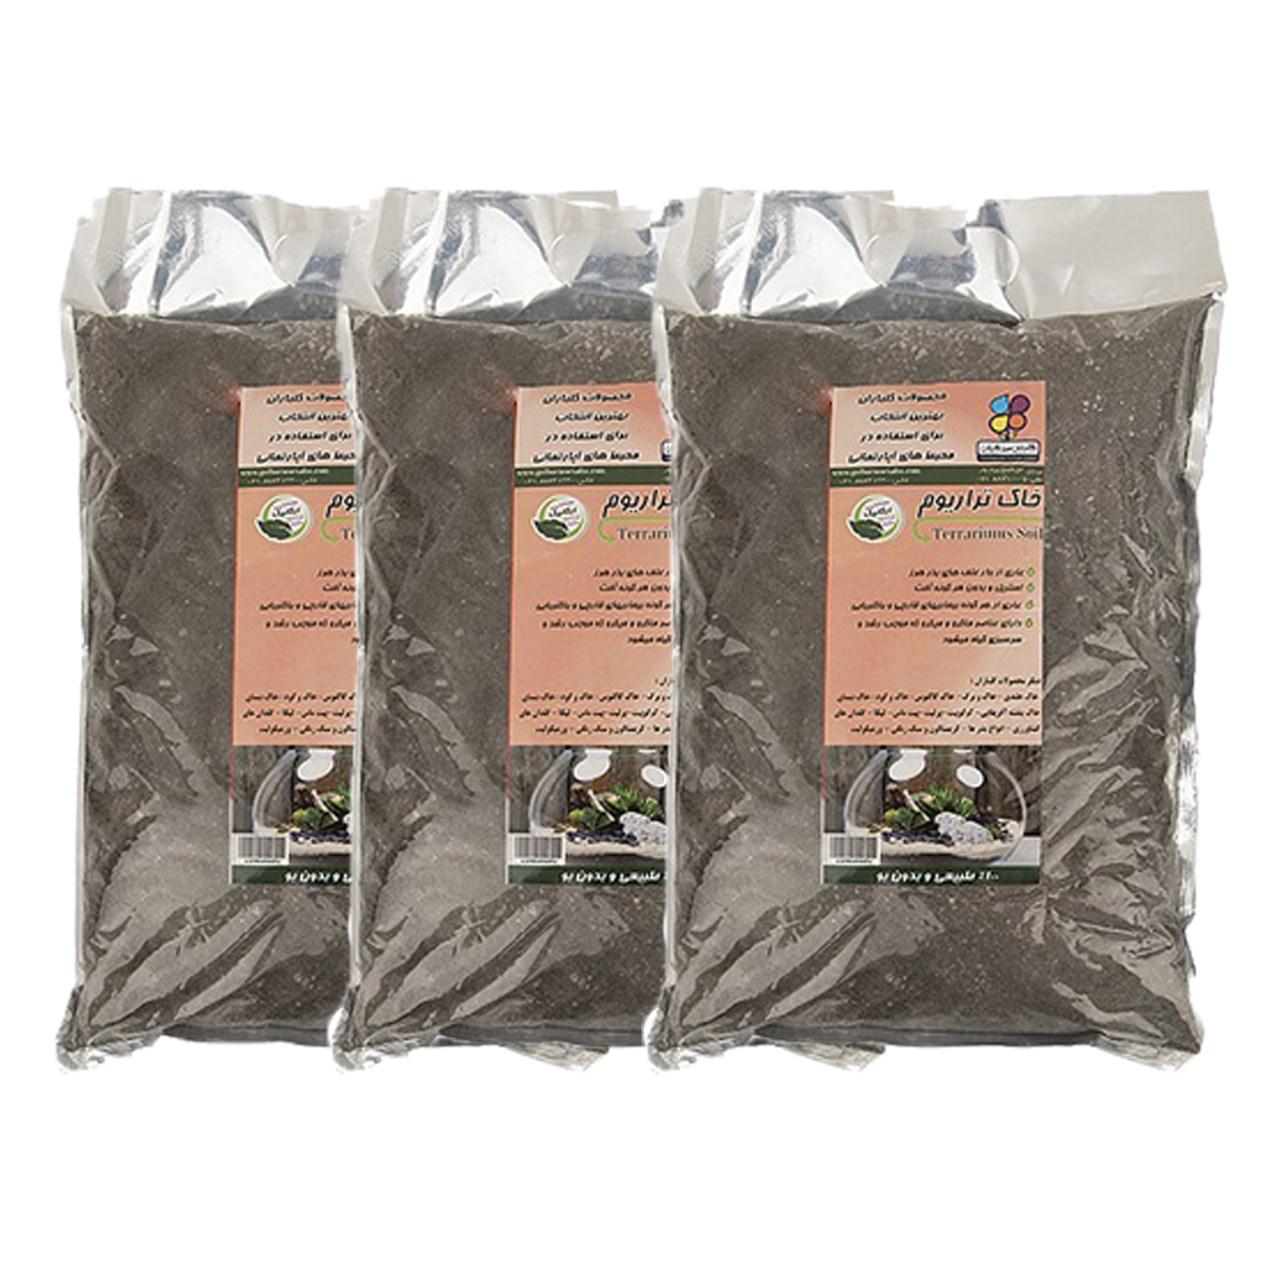 خاک تراریوم 1 کیلوگرمی گلباران سبز بسته سه عددی